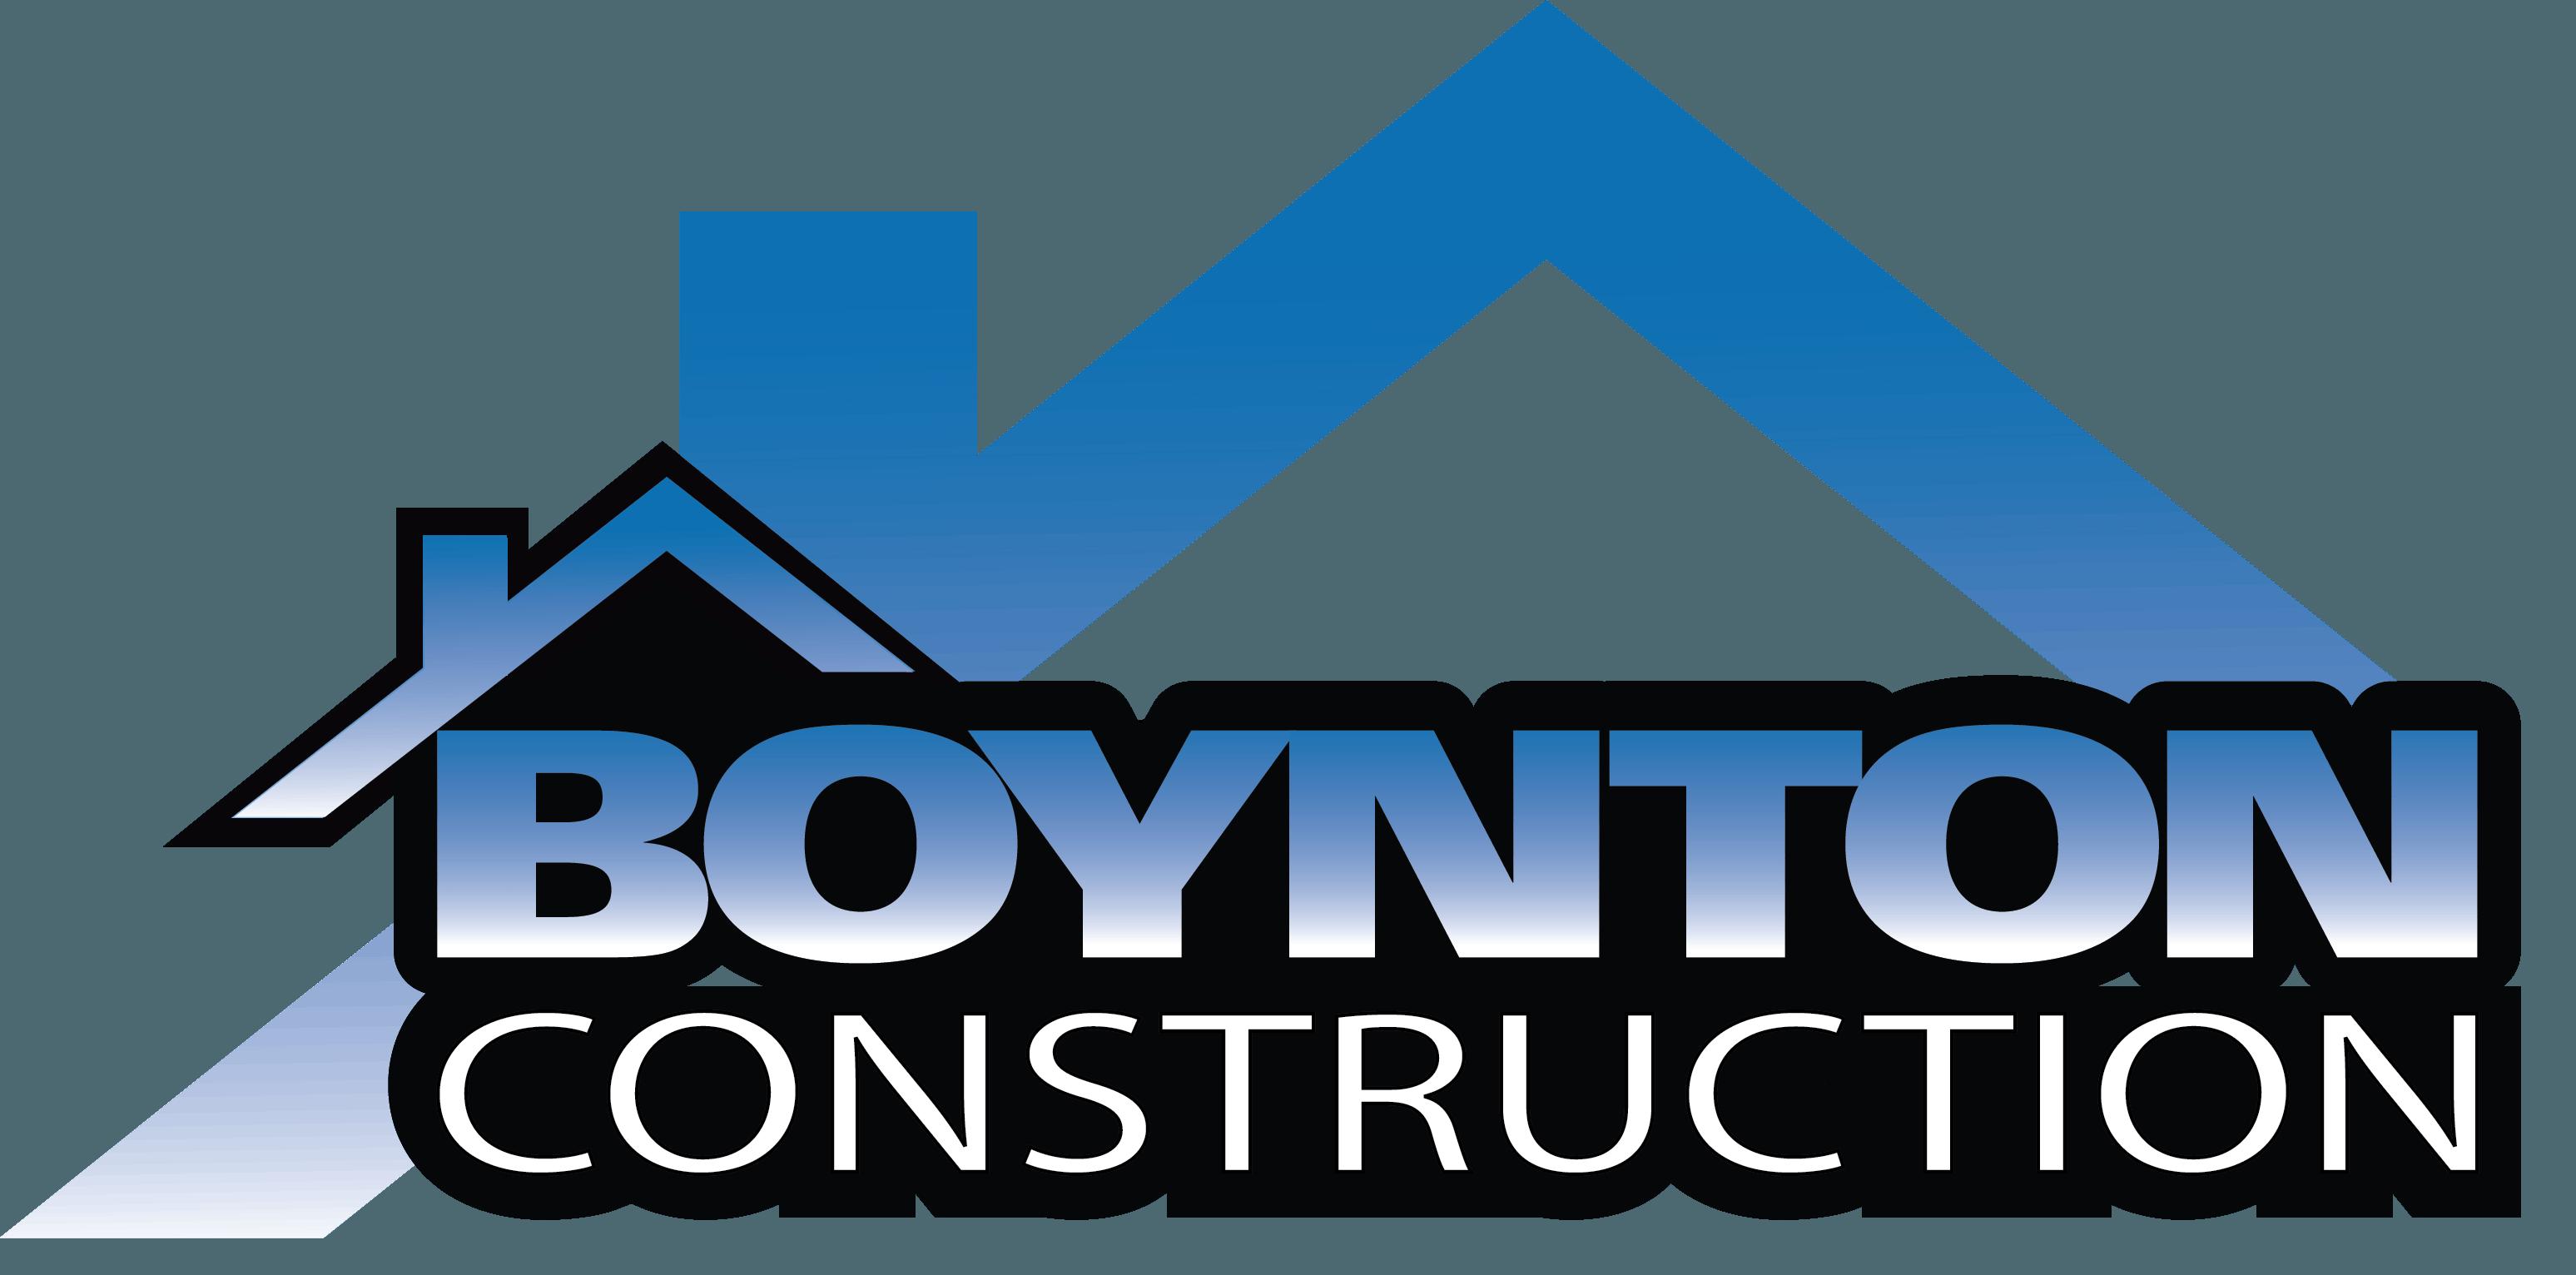 Boynton Construction Inc.